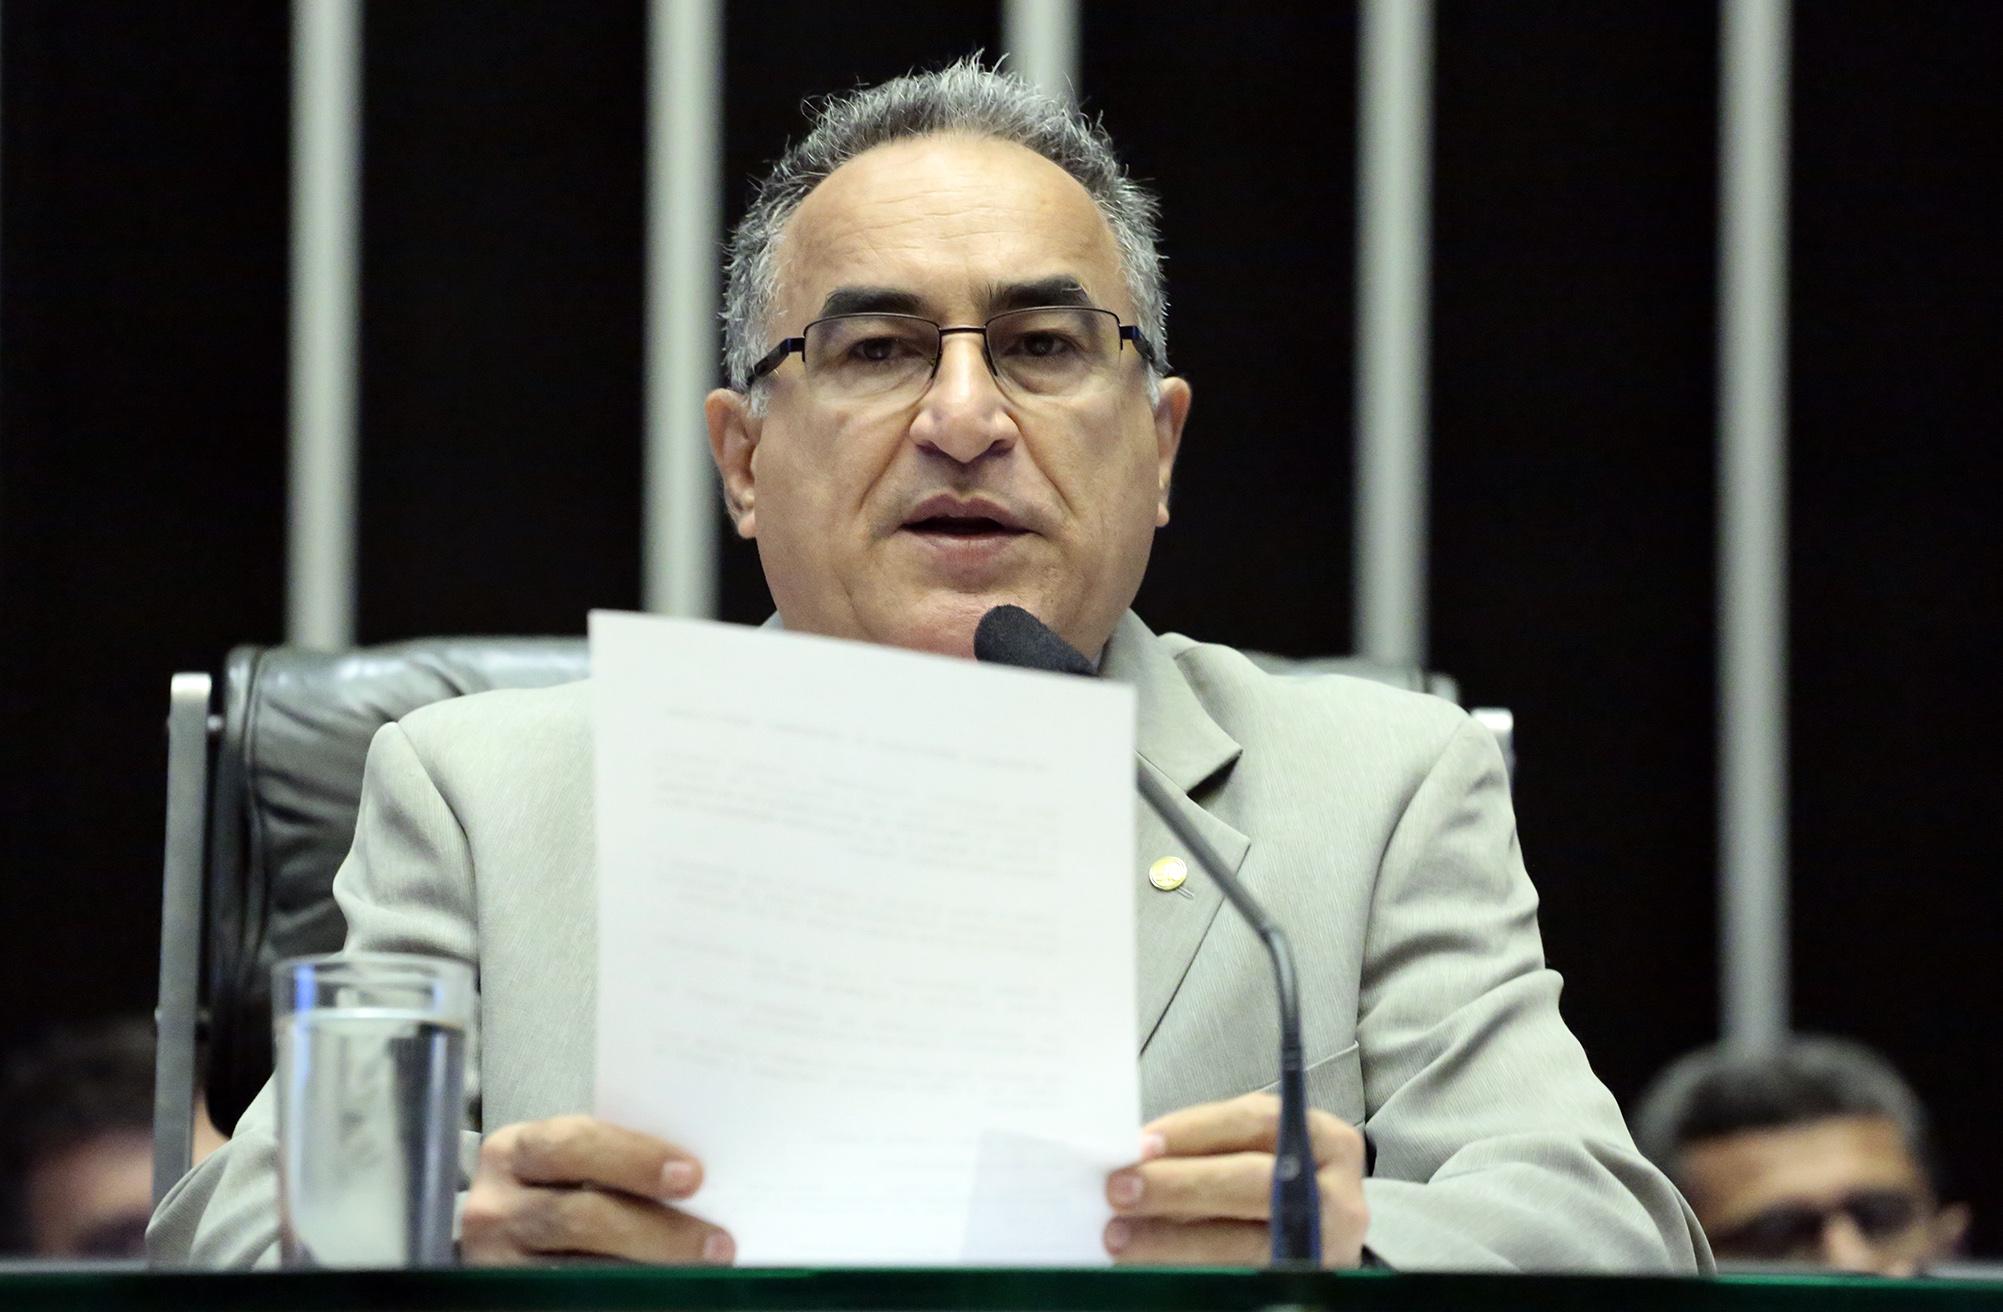 Comissão geral para debater o Processo de Regularização Fundiária Agrária e Rural e as alterações propostas pela MP 759/16. Dep. Edmilson Rodrigues (PSOL-PA)